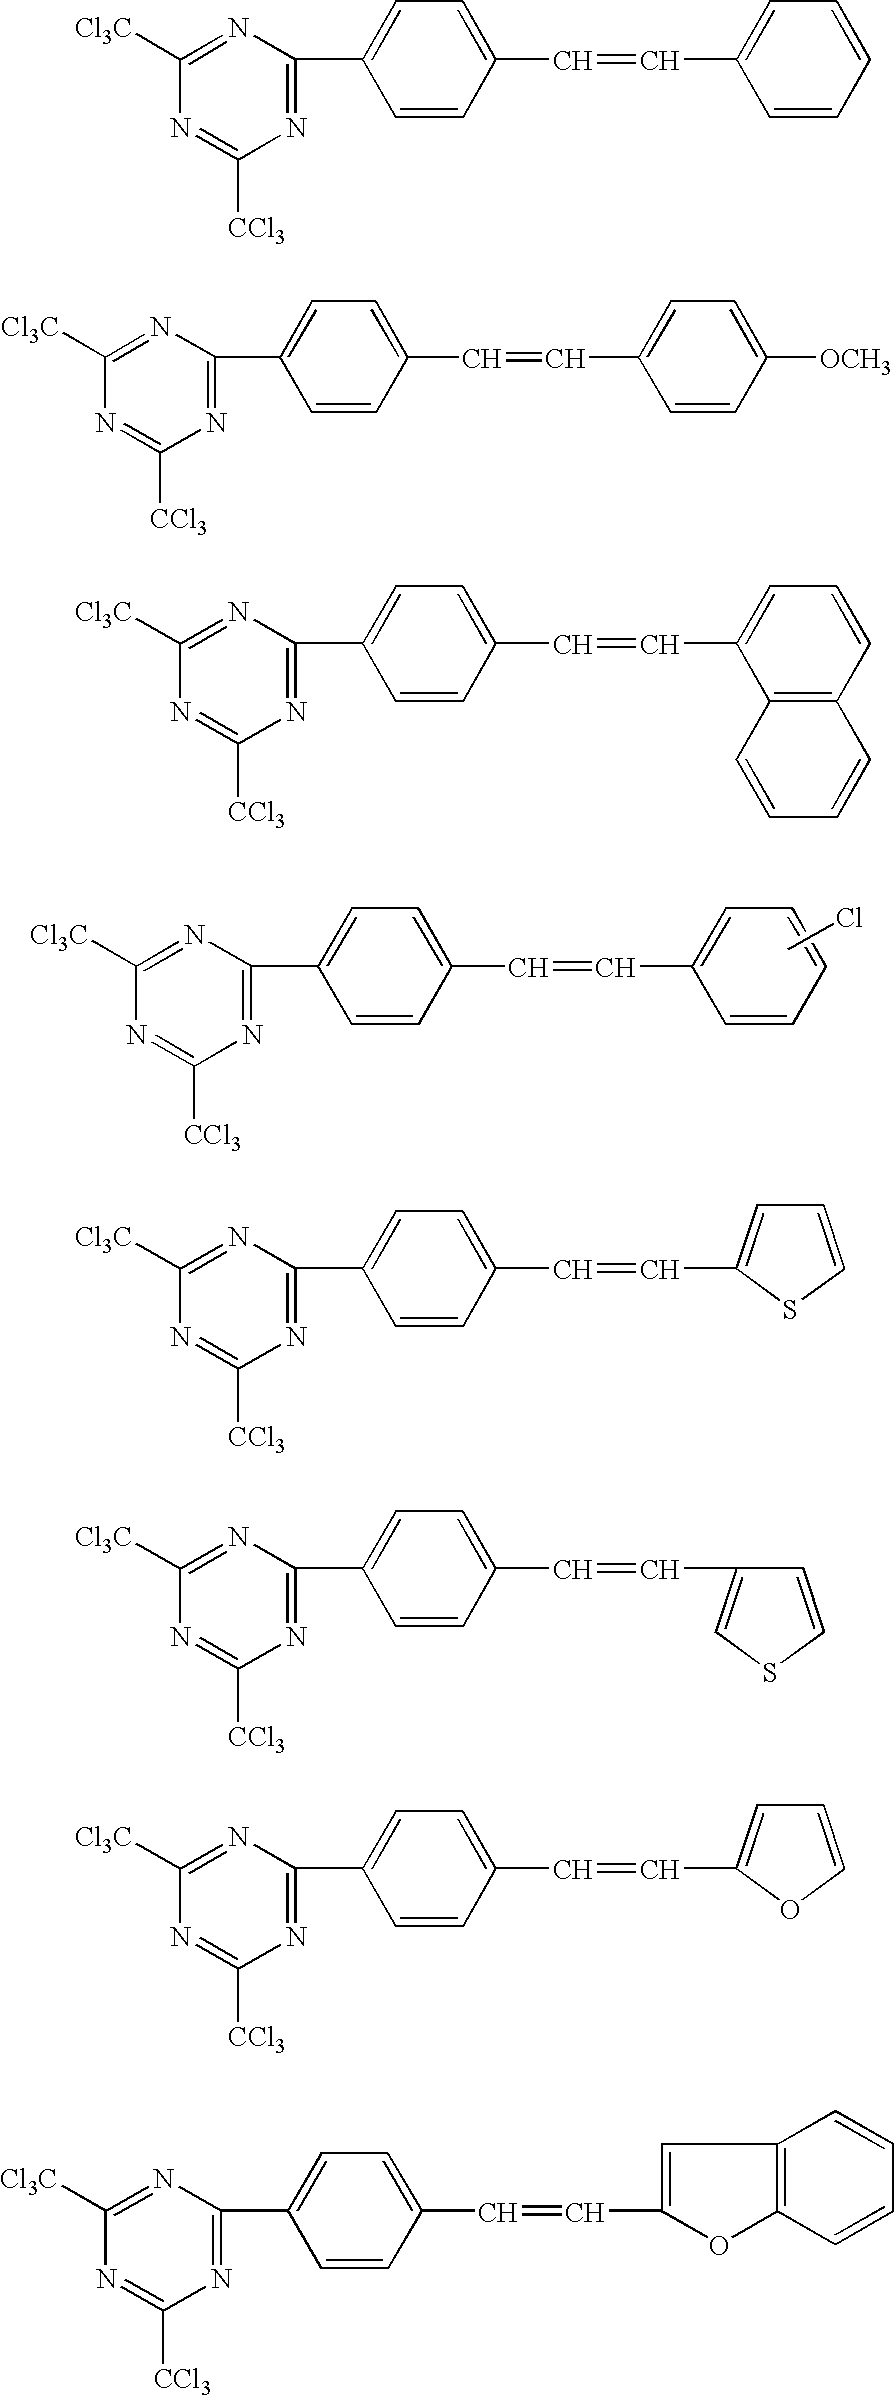 Figure US07435529-20081014-C00013